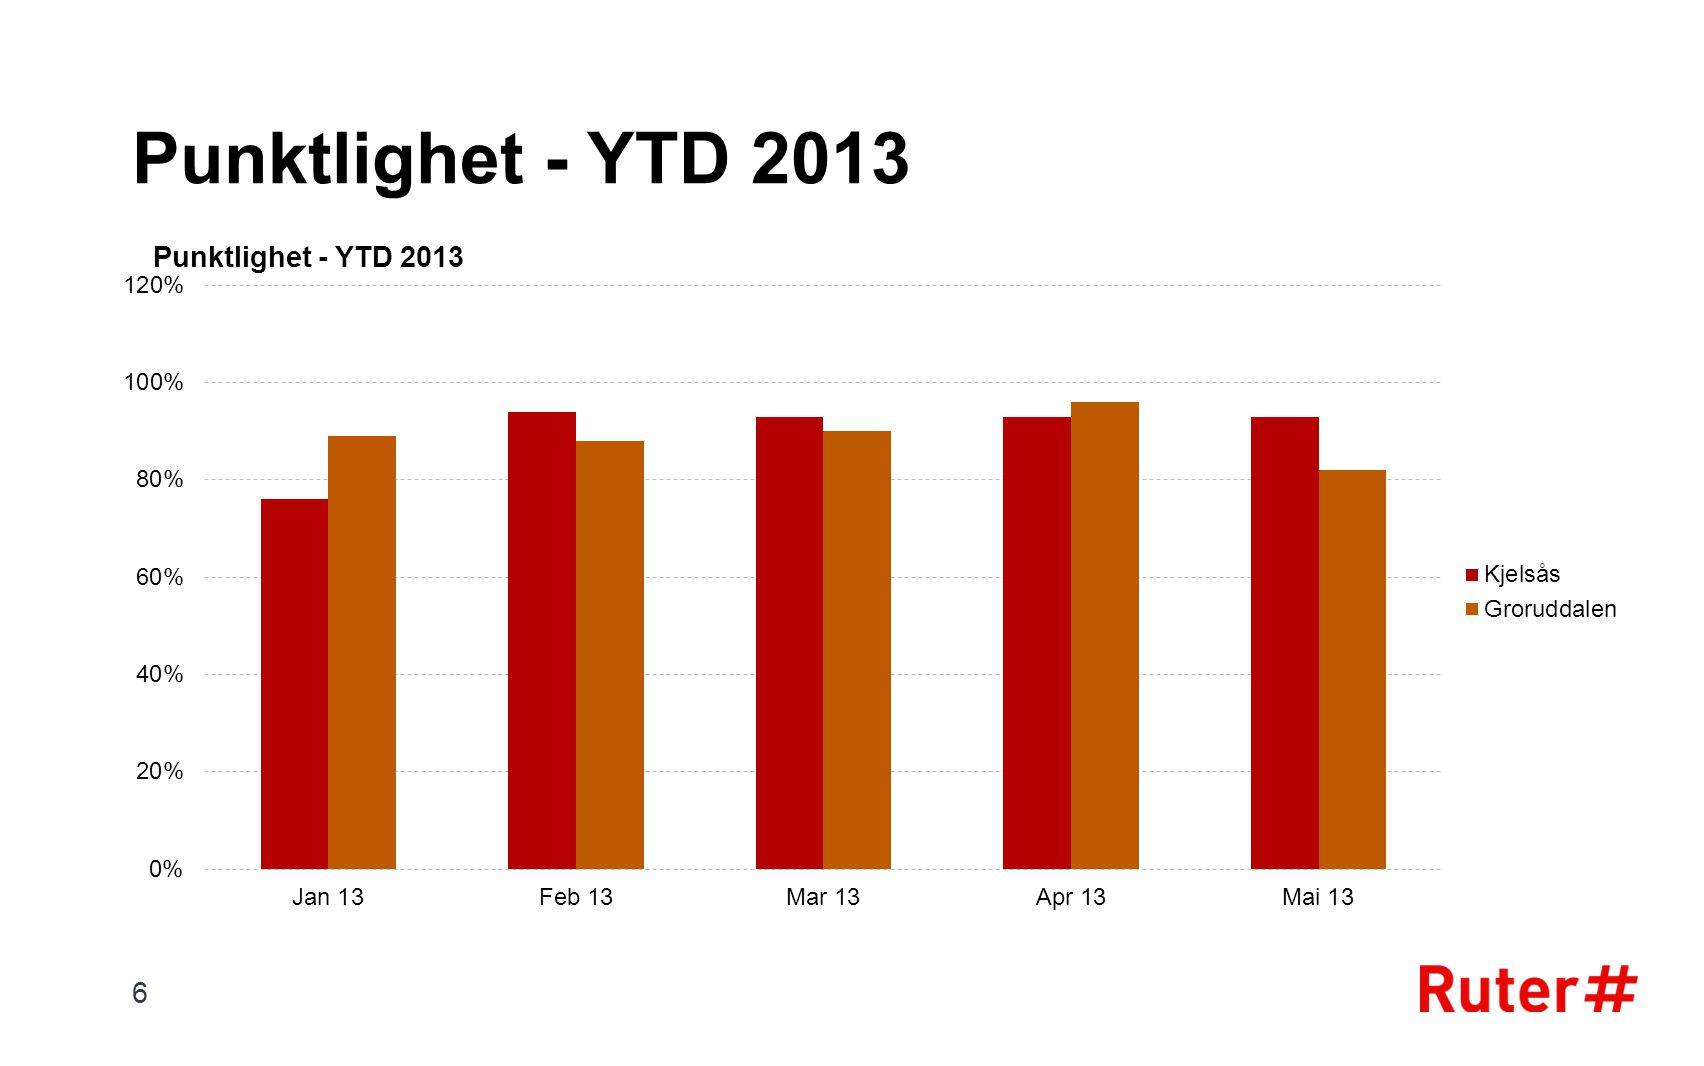 Punktlighet - YTD 2013